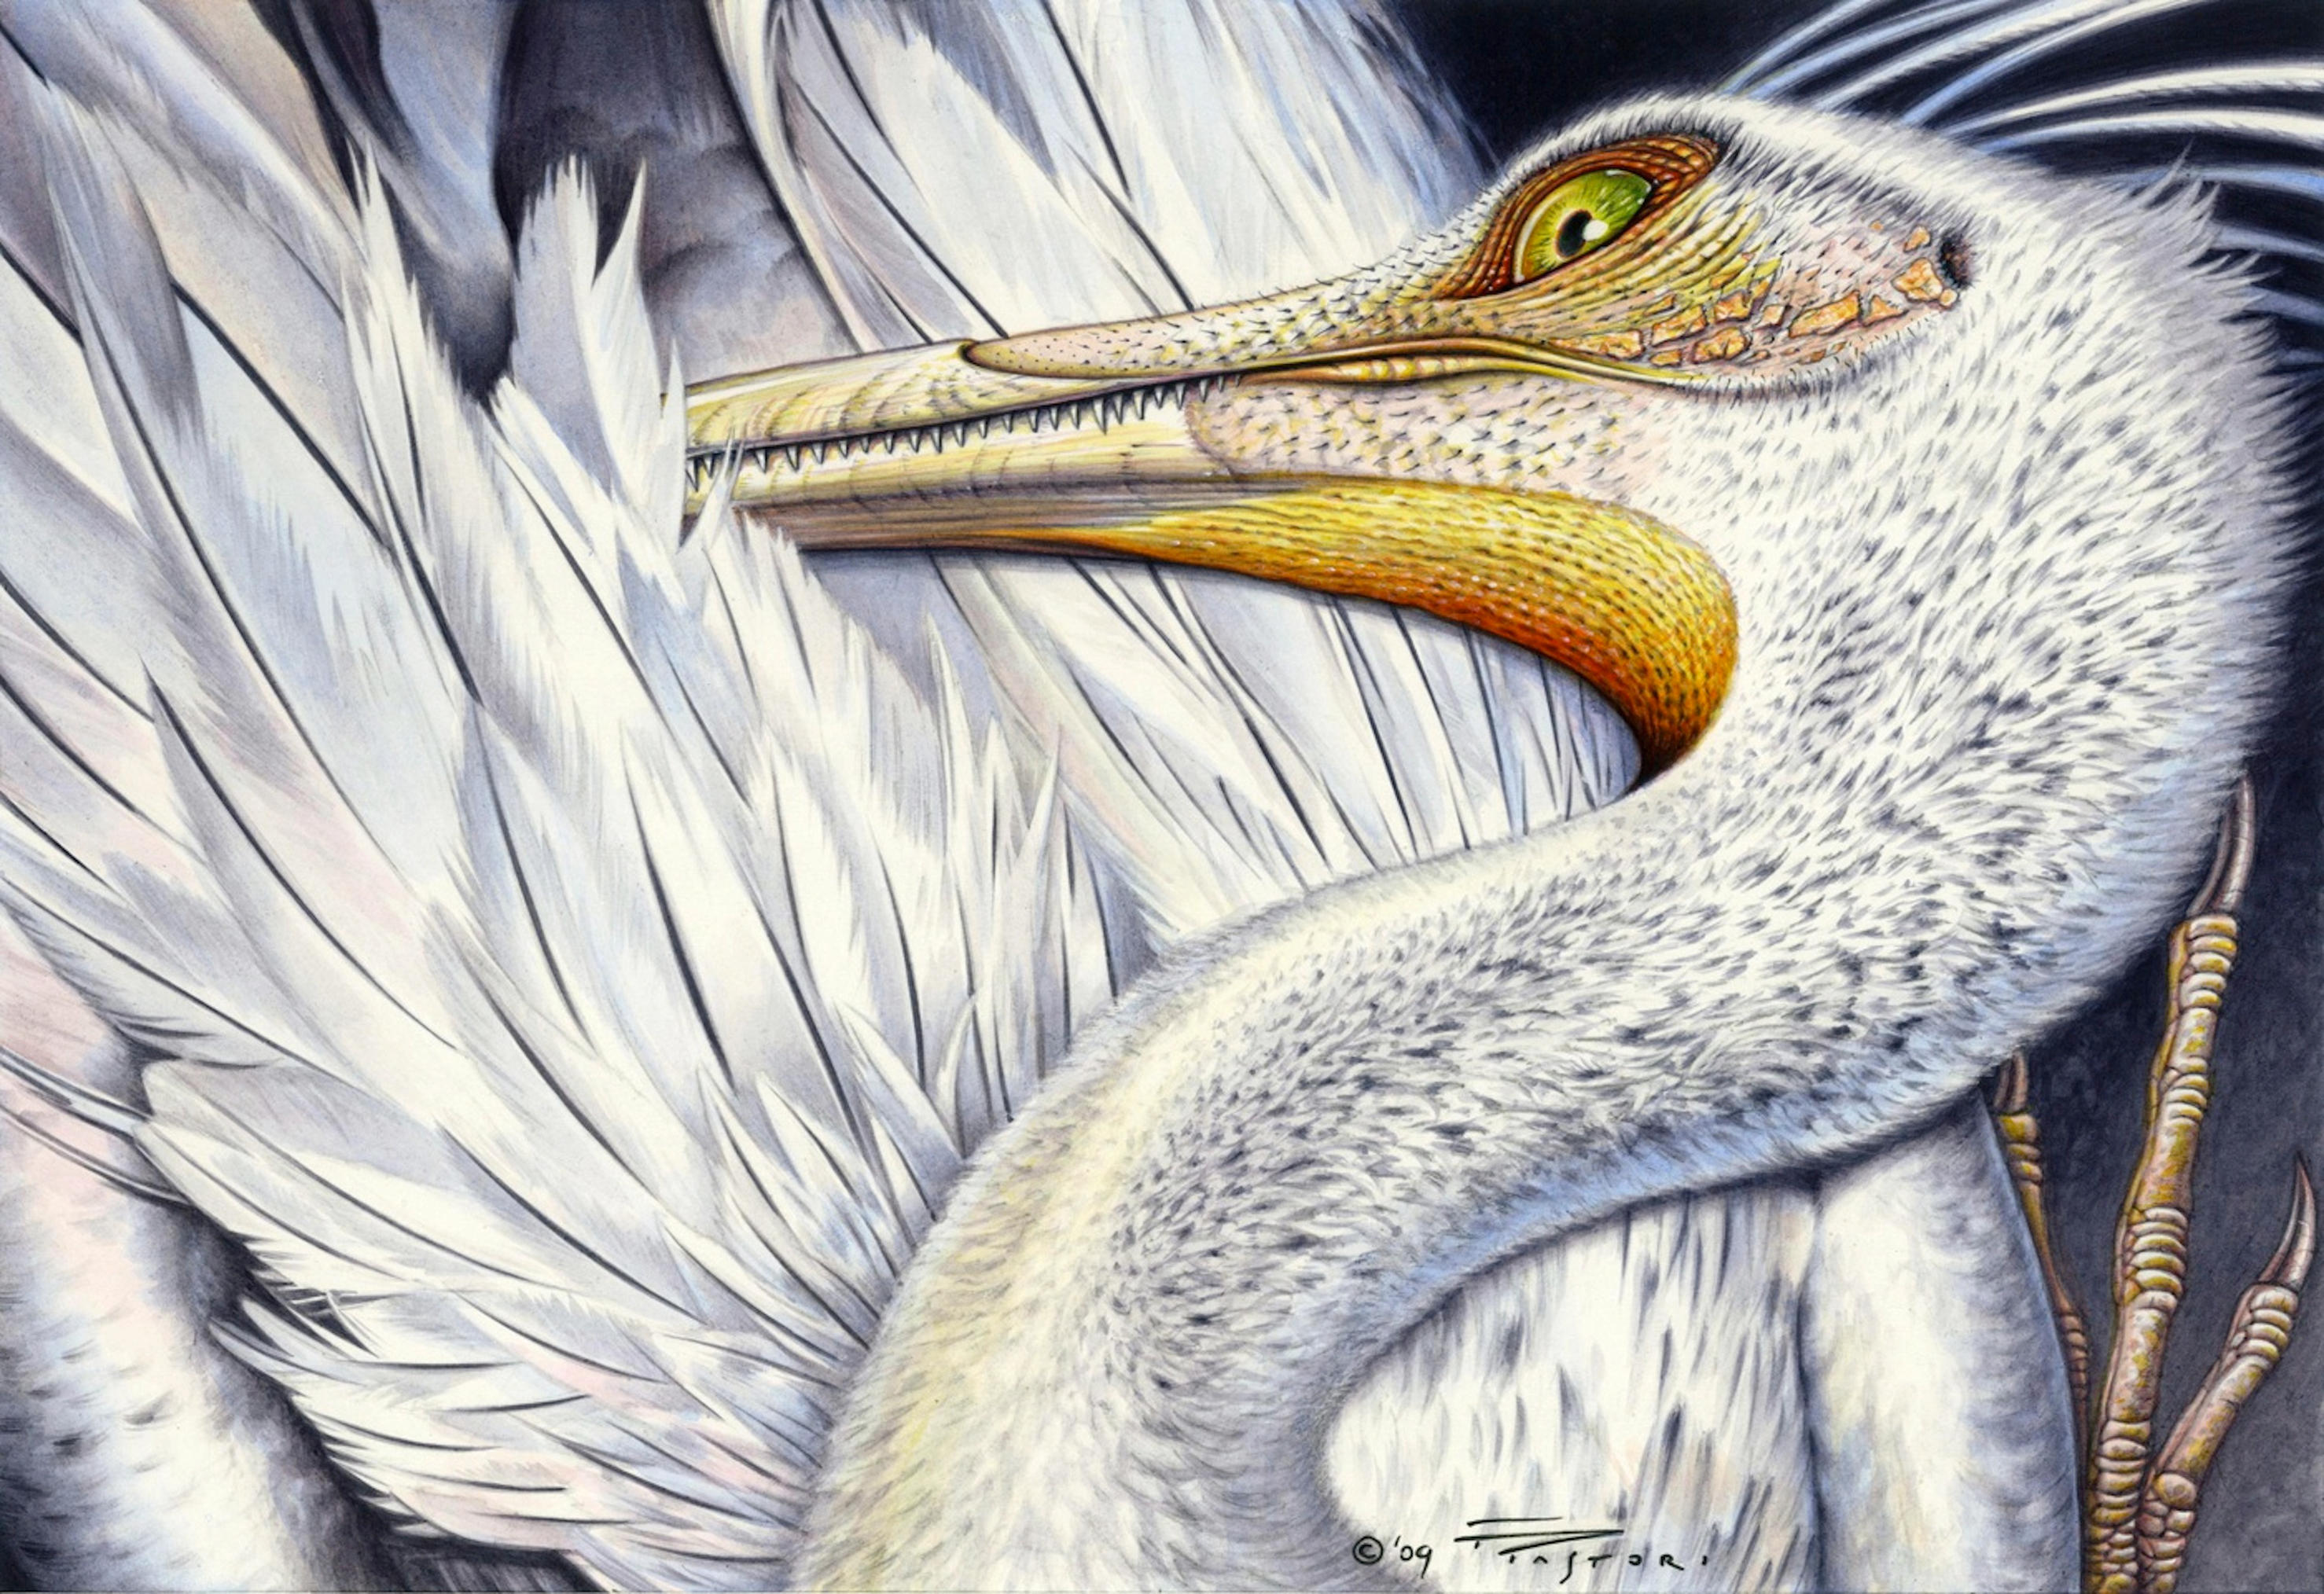 Unenlagia comahuensis by PaleoPastori